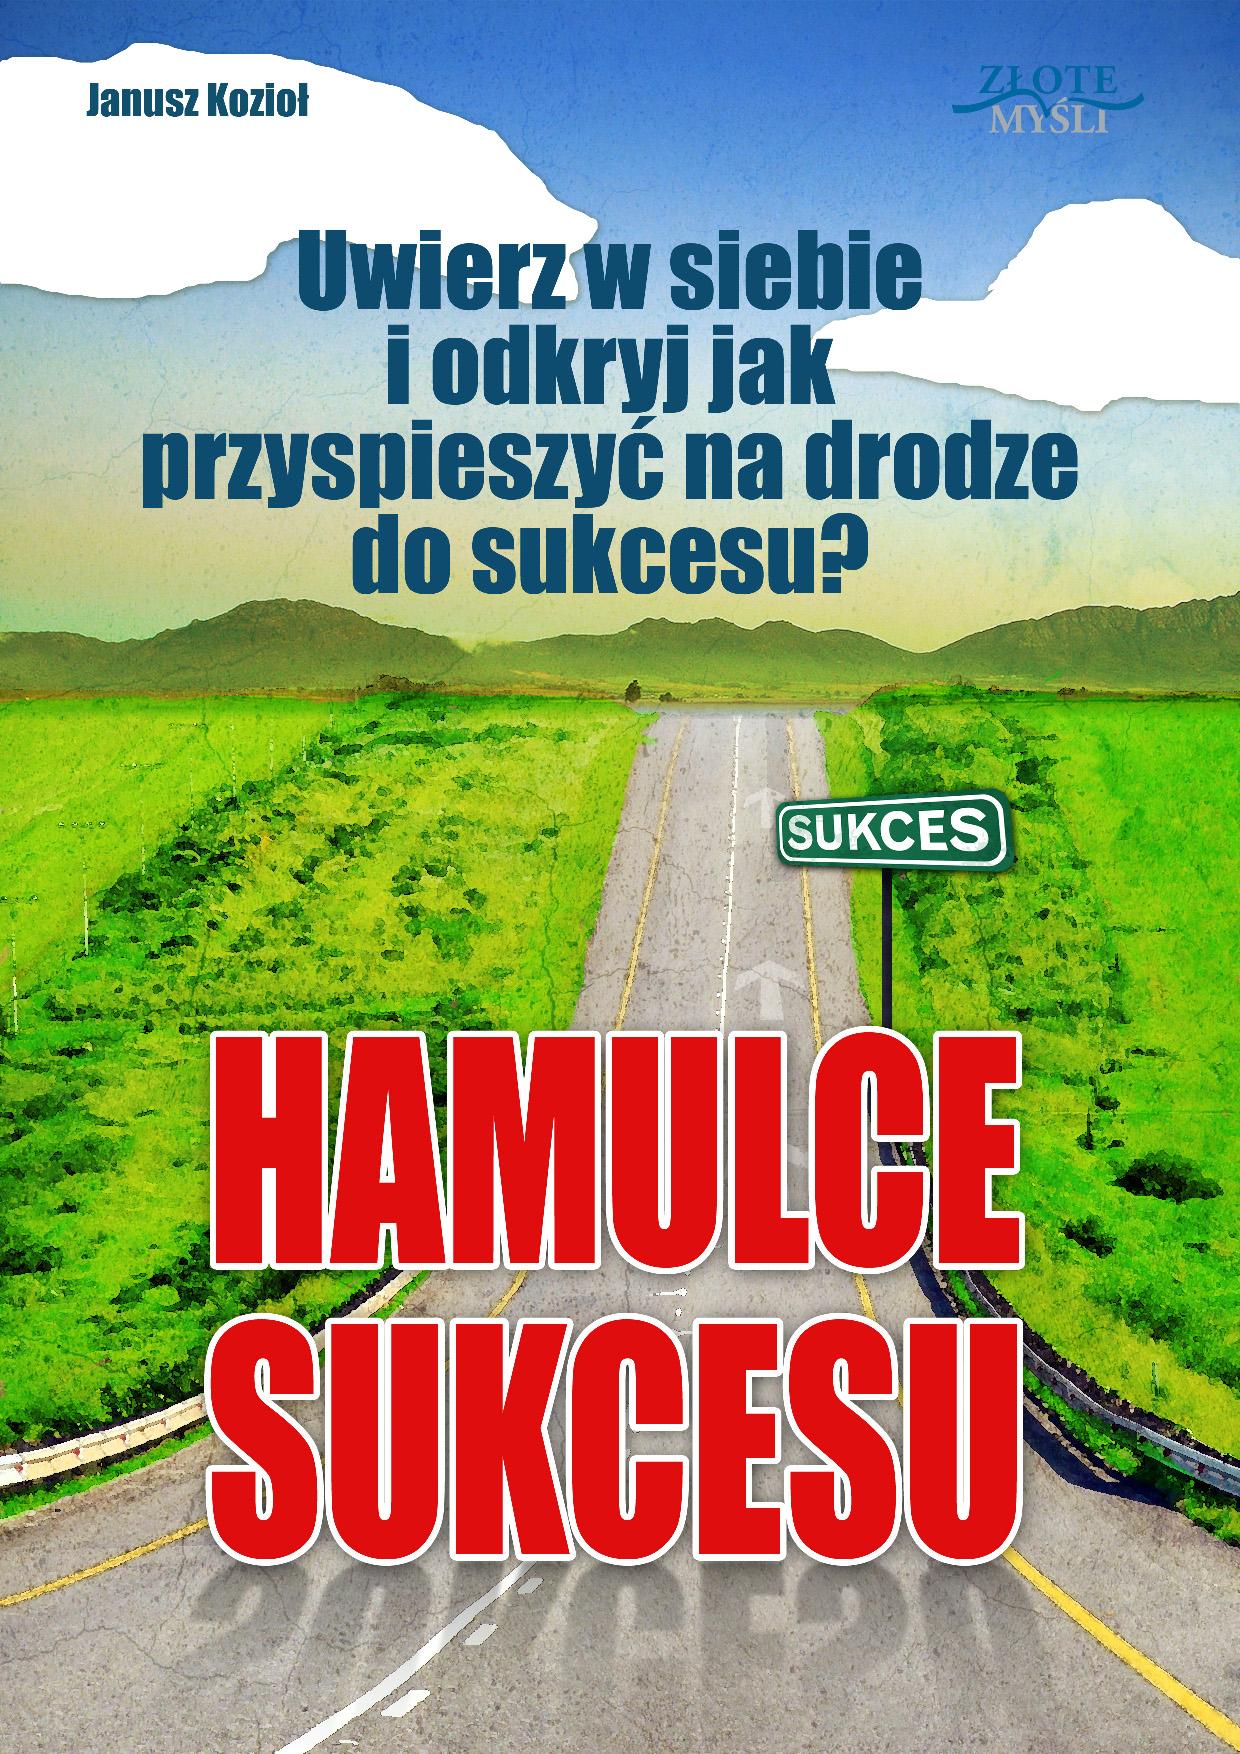 Janusz Kozioł: Hamulce sukcesu - okładka